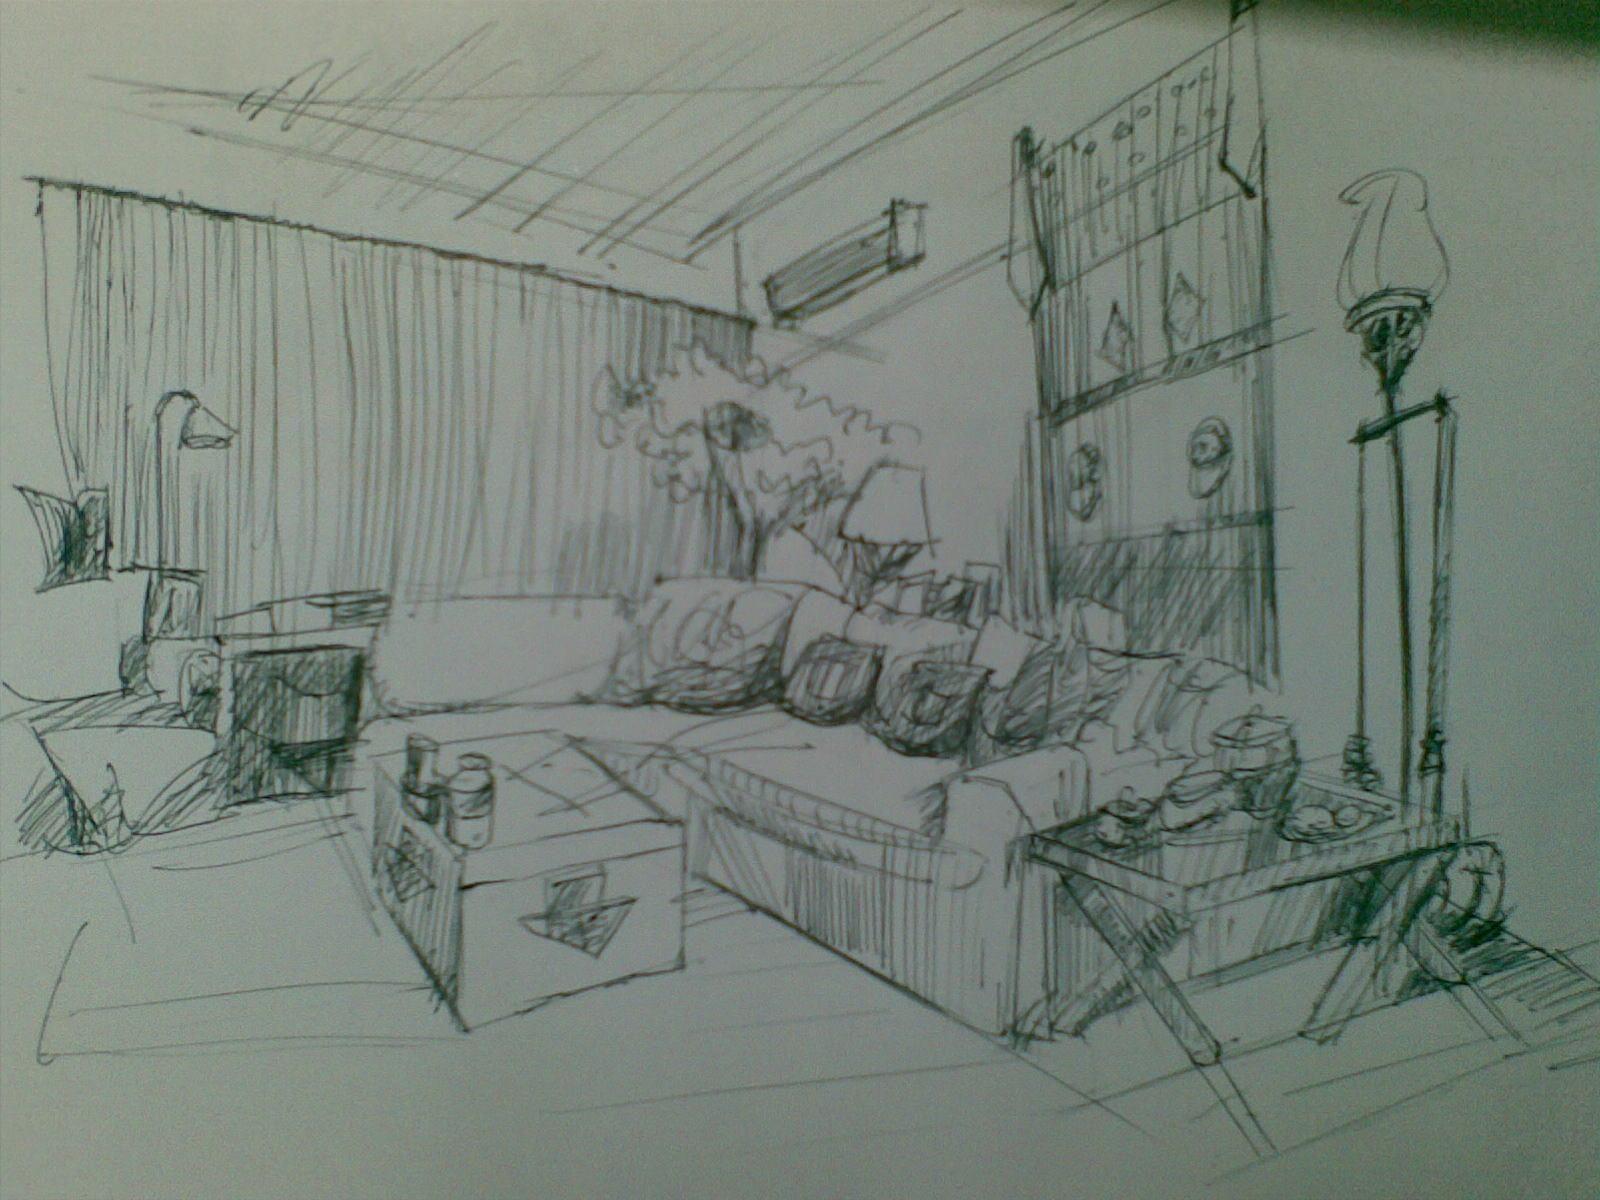 客厅案例图片 - 设计师雅鹤设计工作室的空间 - 红动图片